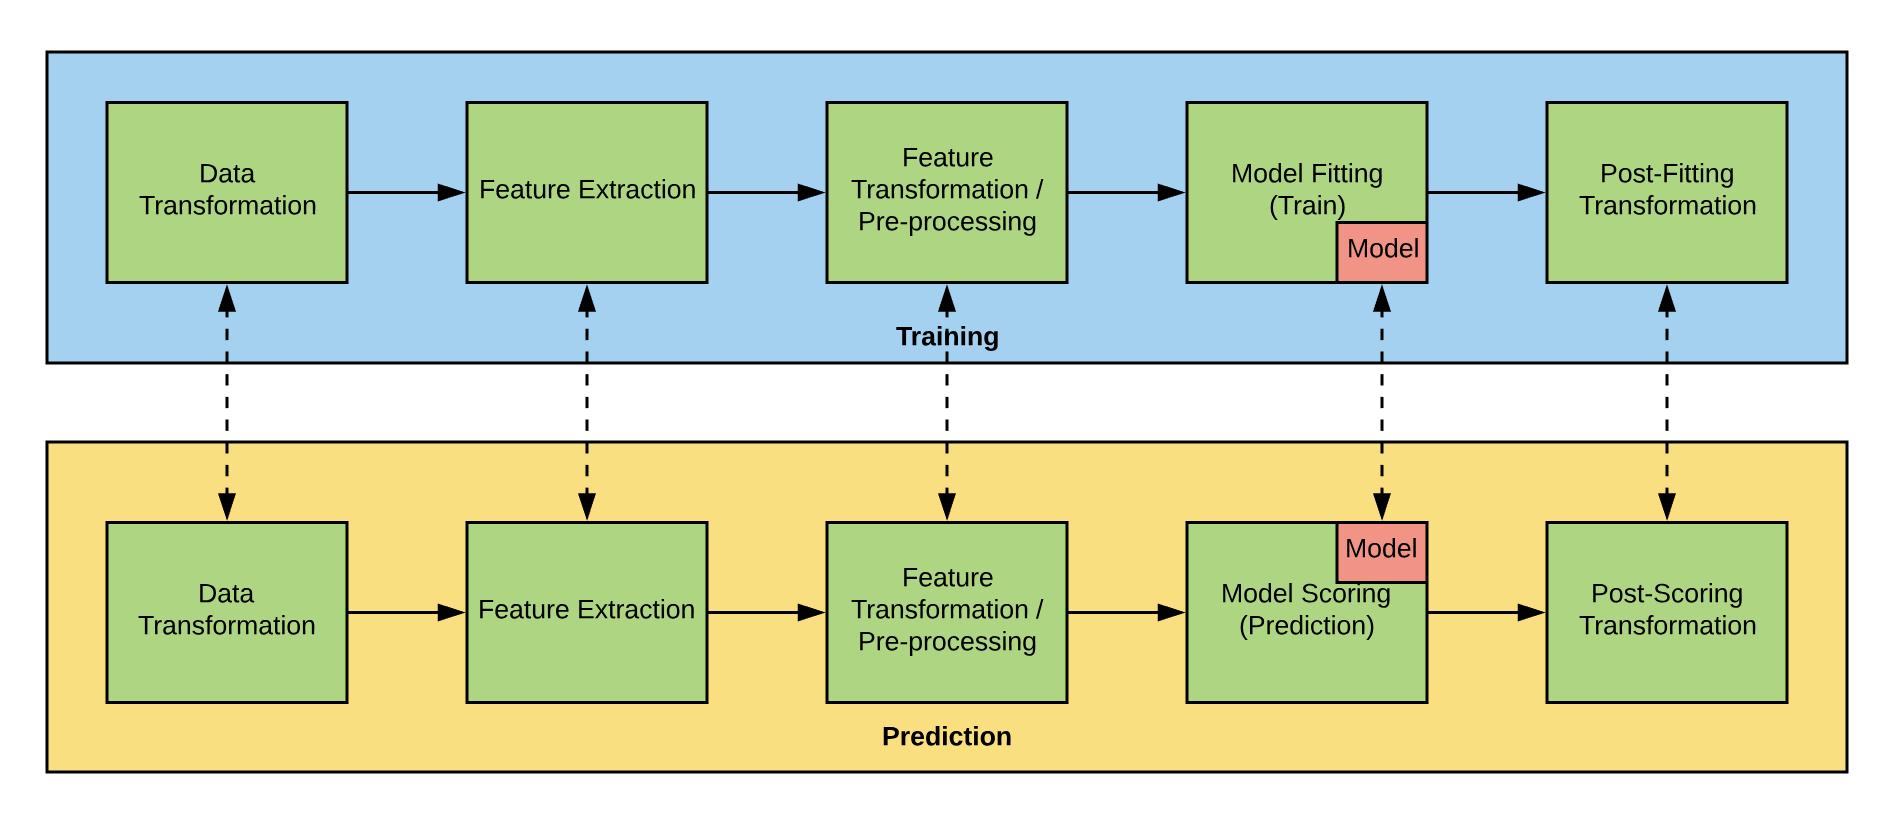 部署并提供机器学习管道模型服务包括模型前面的所有转换和操作步骤。